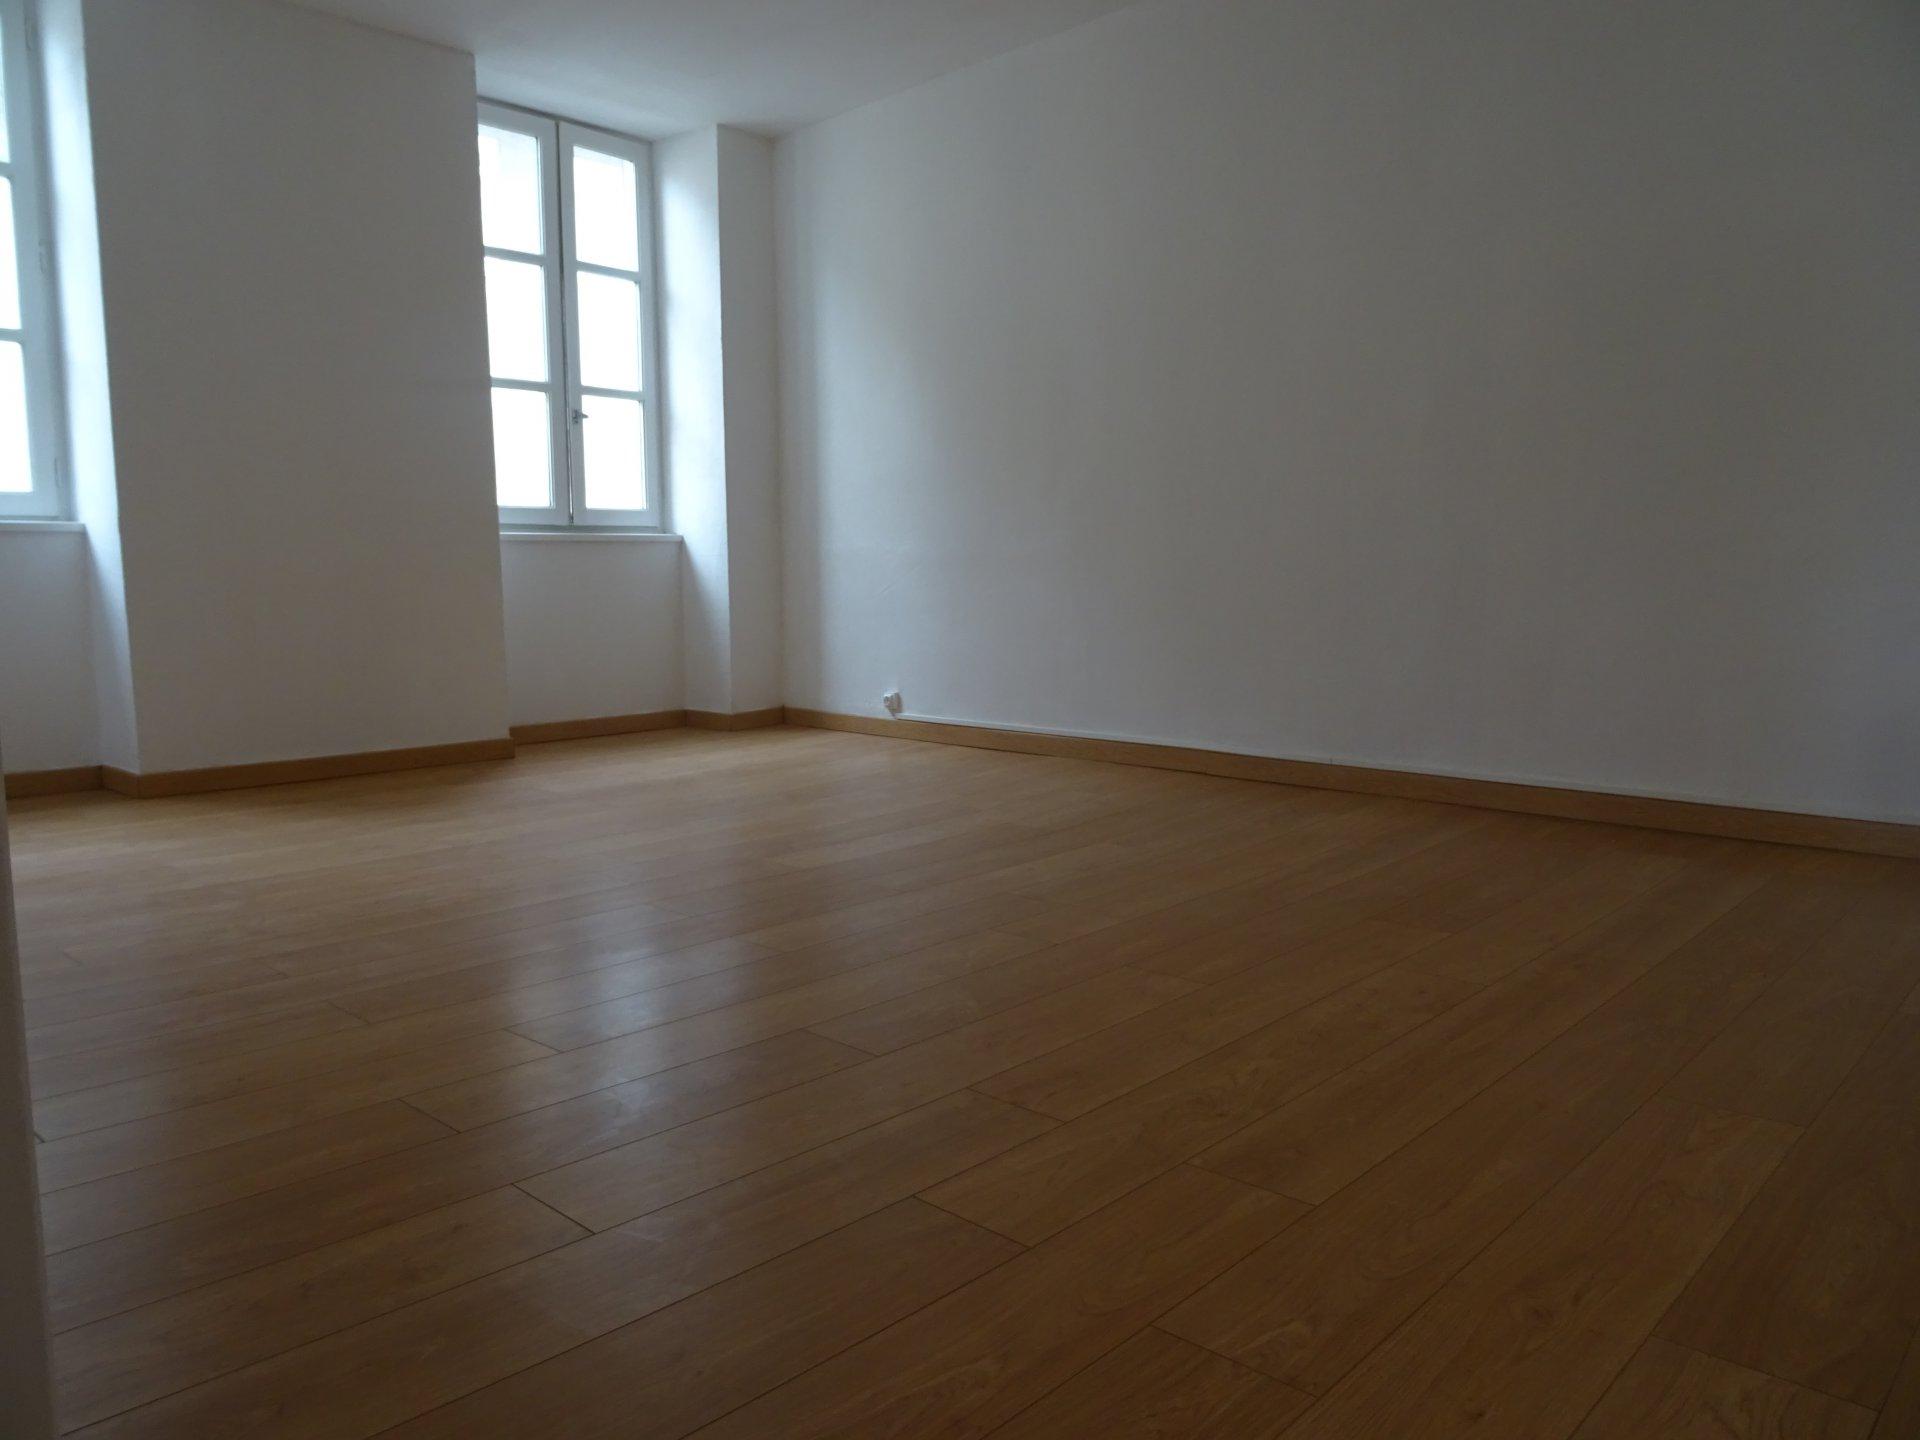 Appartement 3 pièces 78 m²